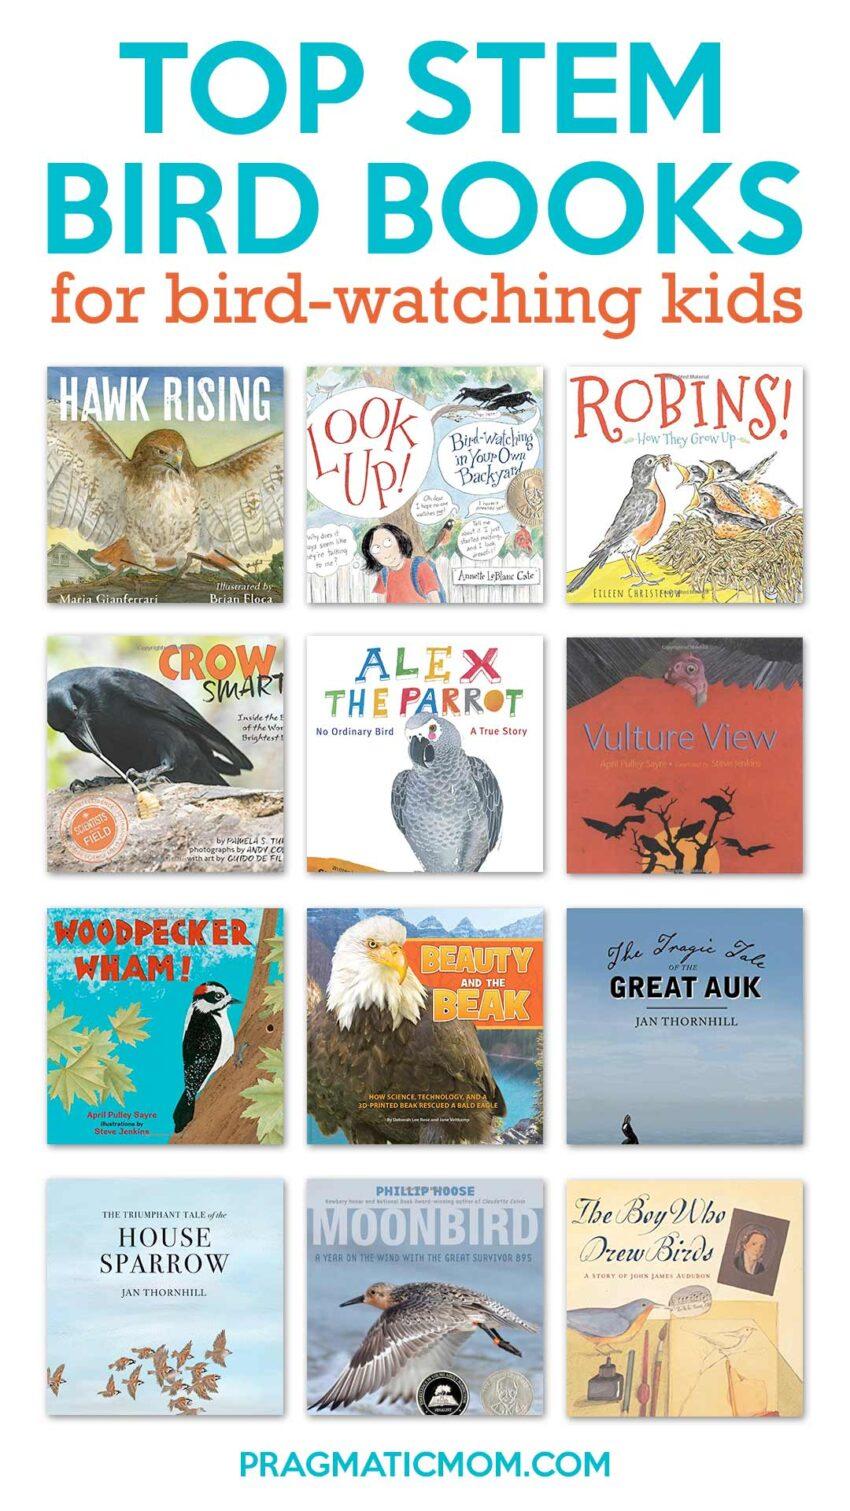 STEM Bird Books for Bird-Watching Kids